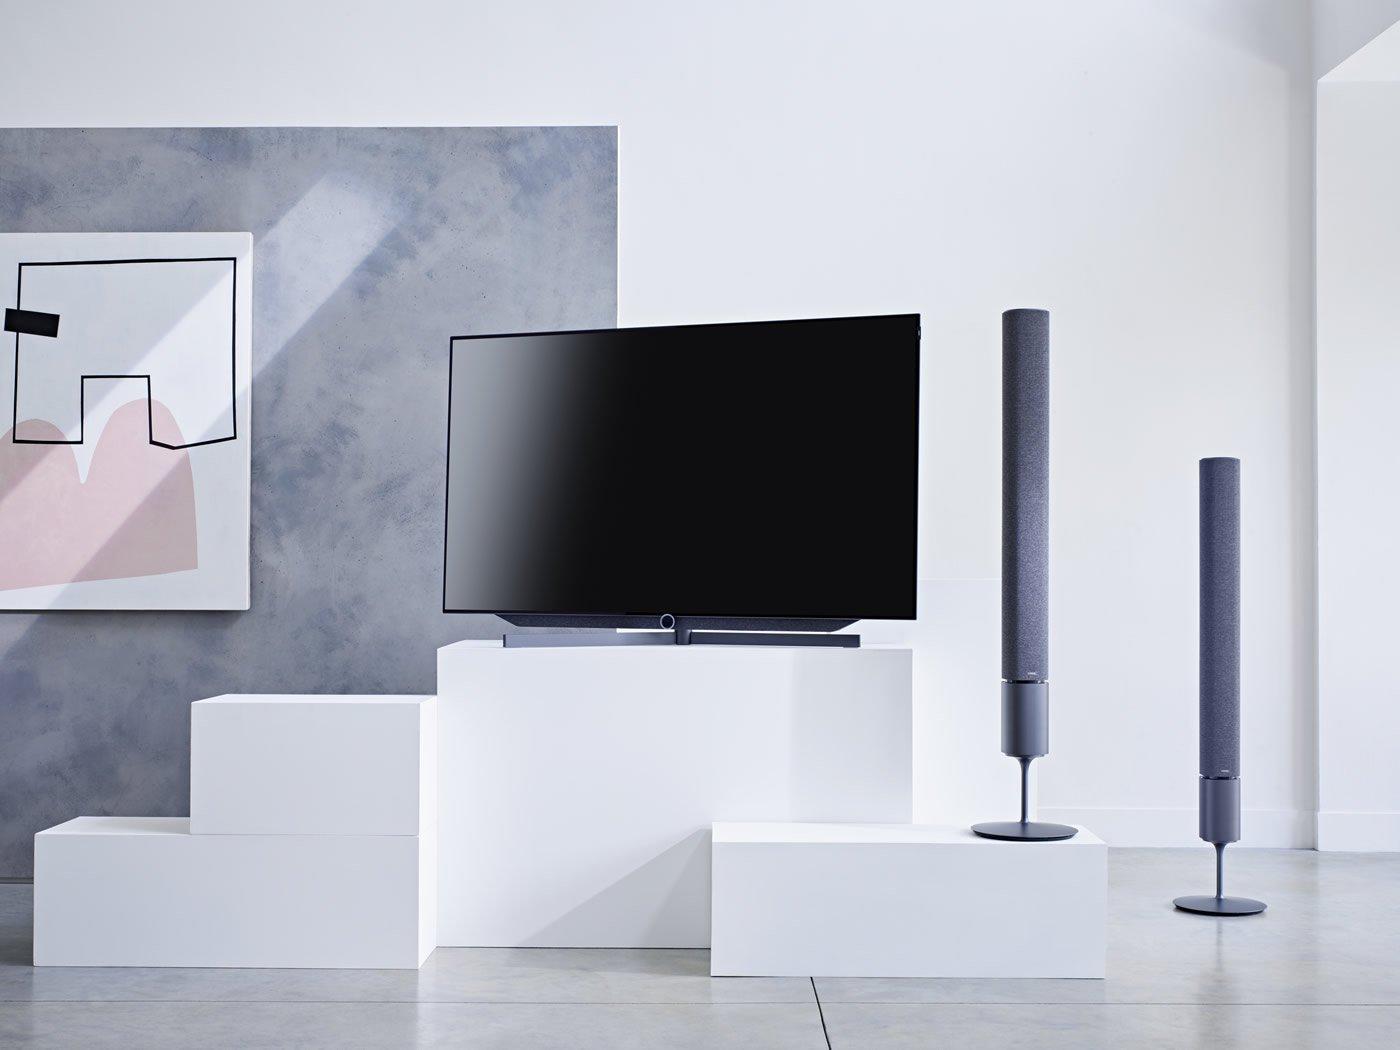 Loewe Klang 5 design